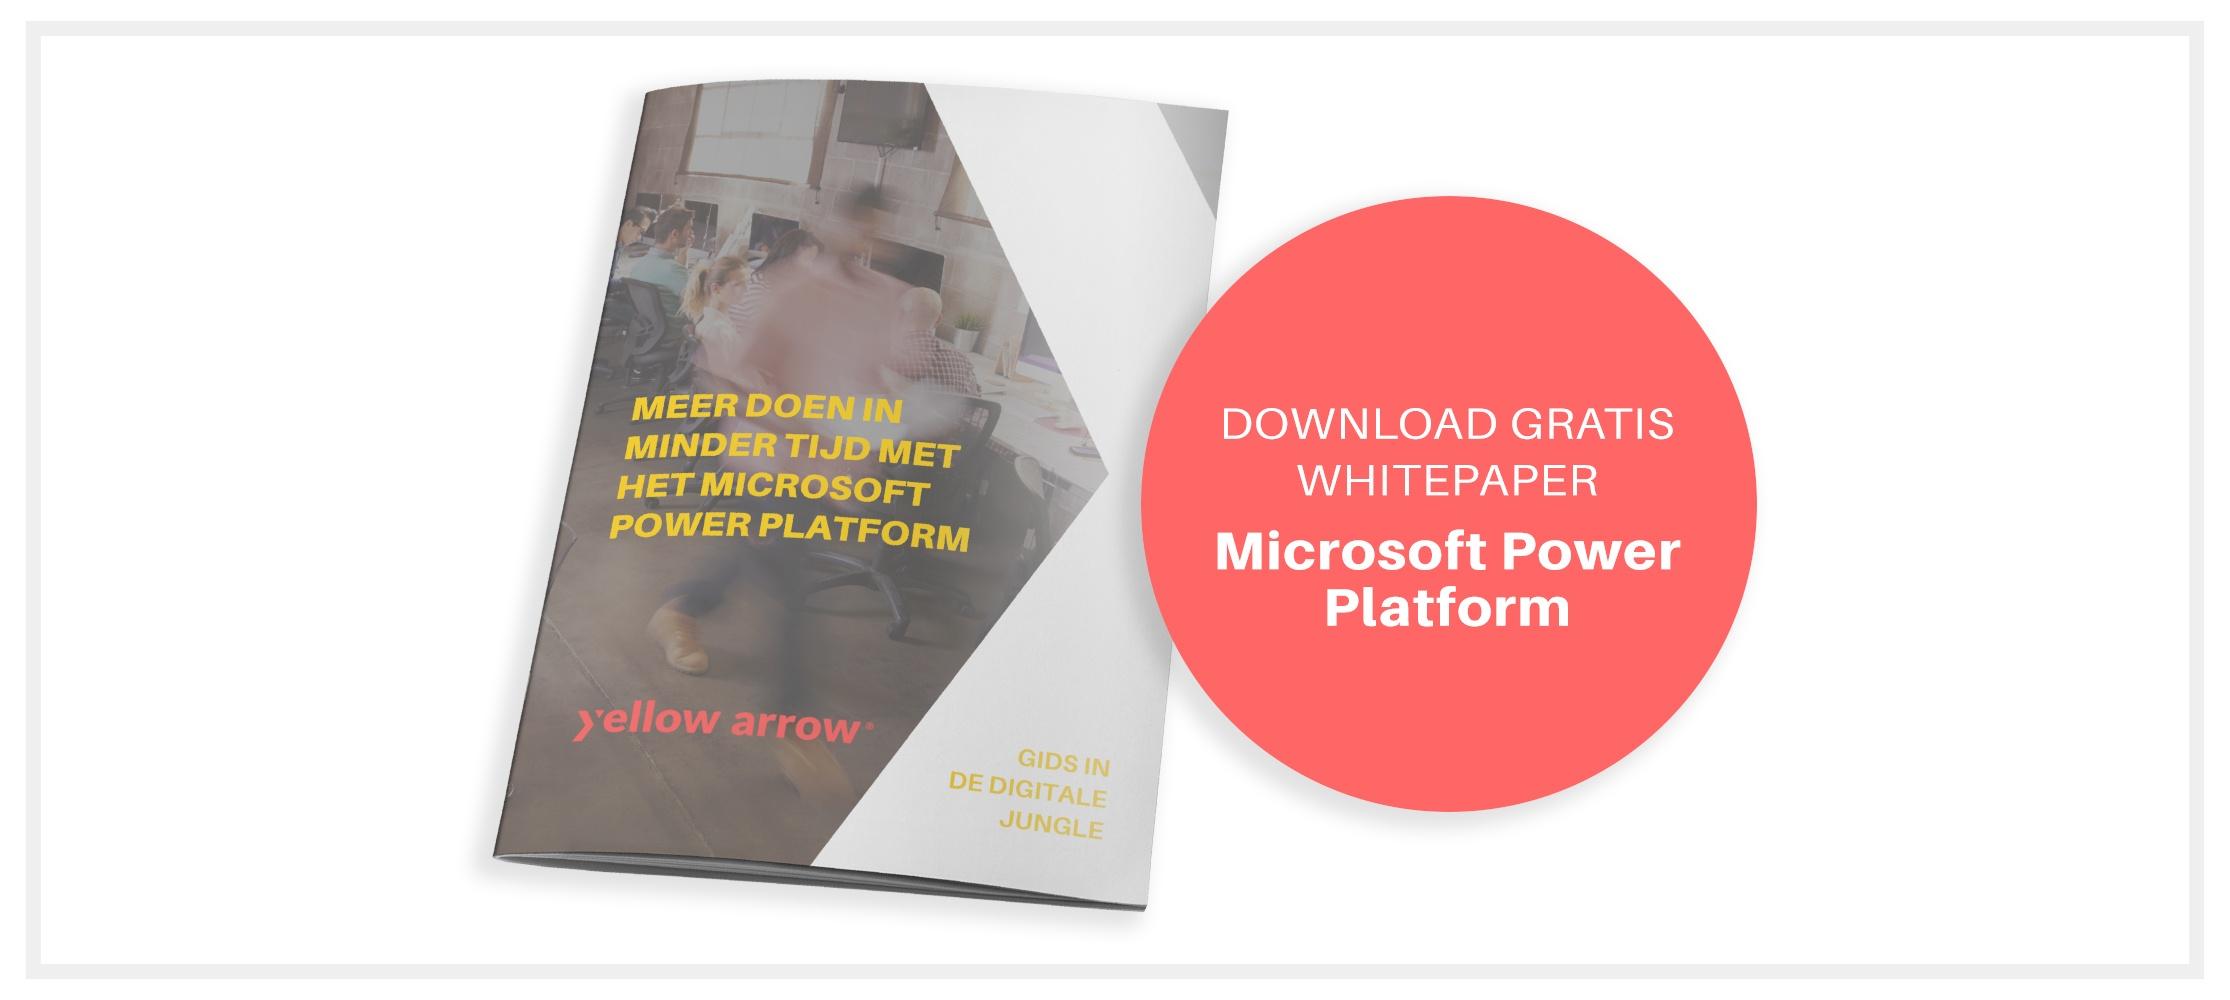 Voorbeeld van whitepaper Meer doen in minder tijd met het Microsoft Power Platform